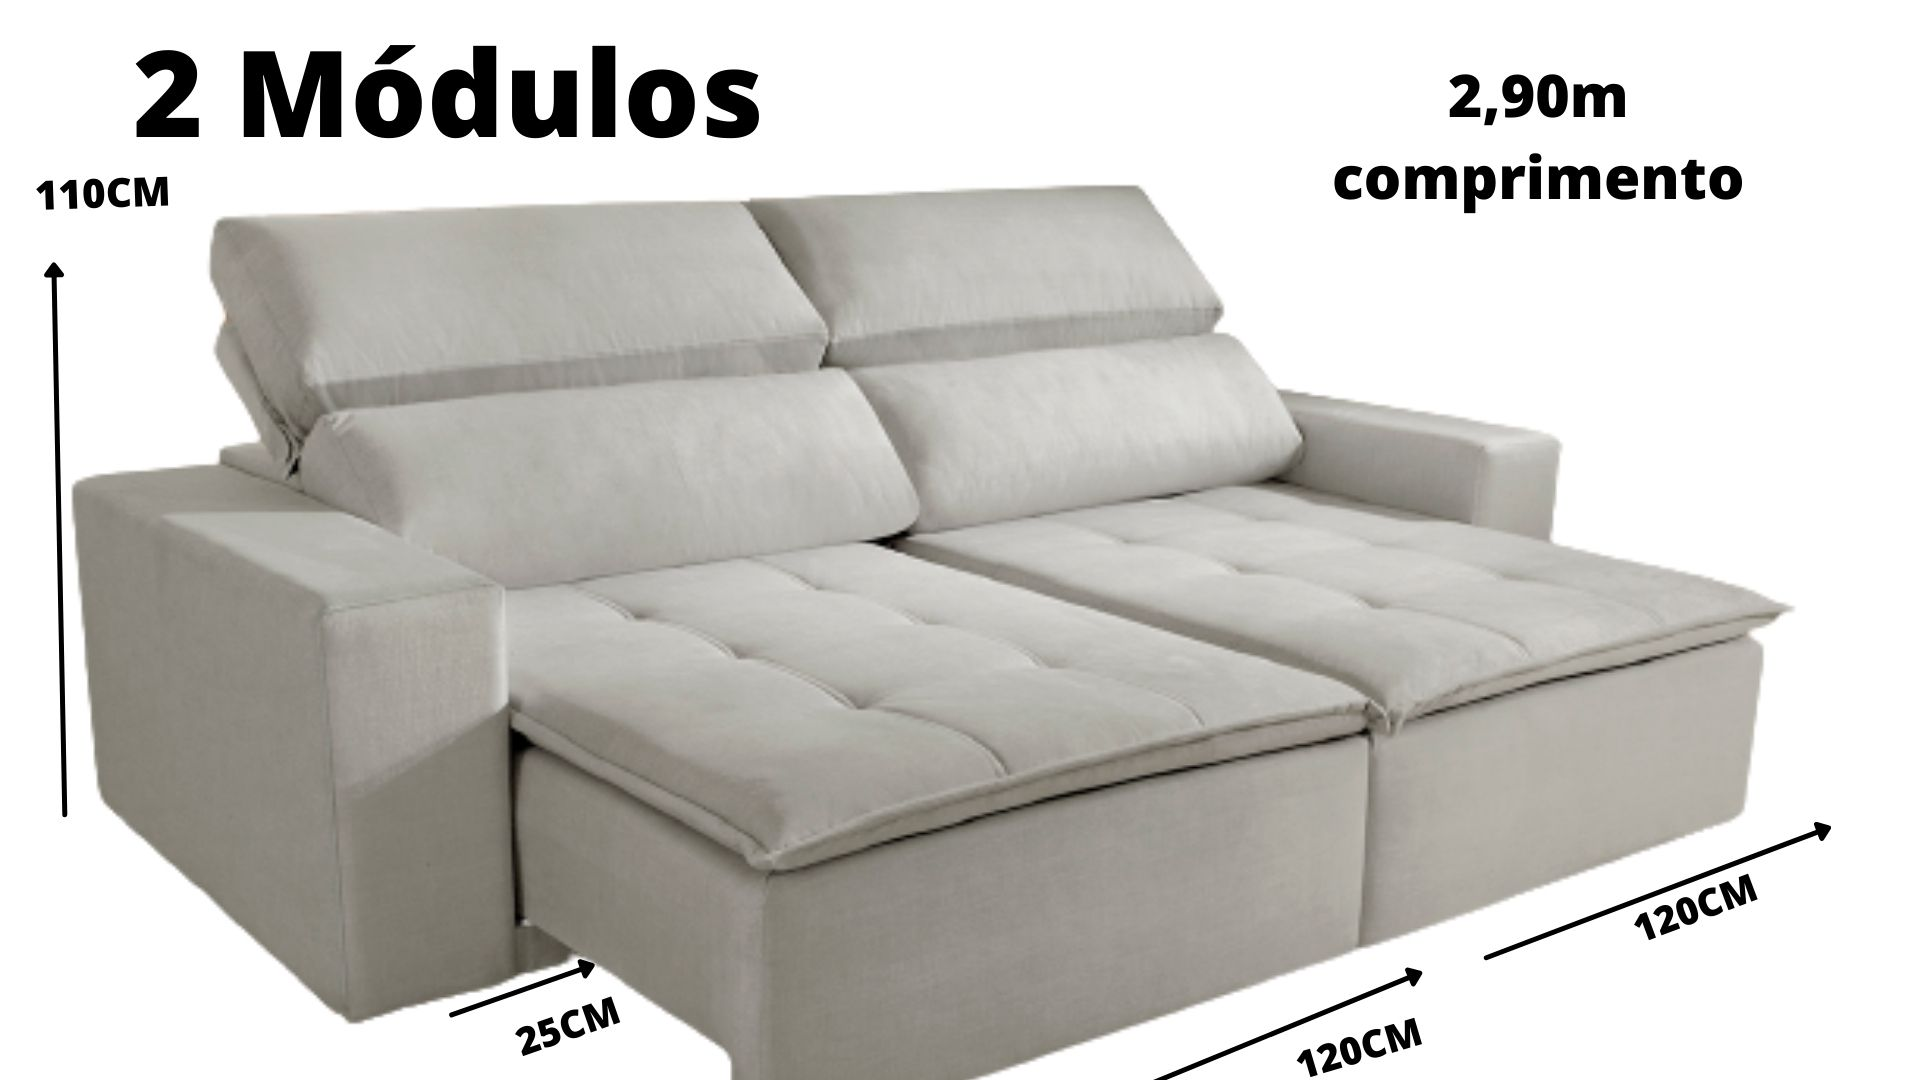 Sofá Double 2 módulos de Linho